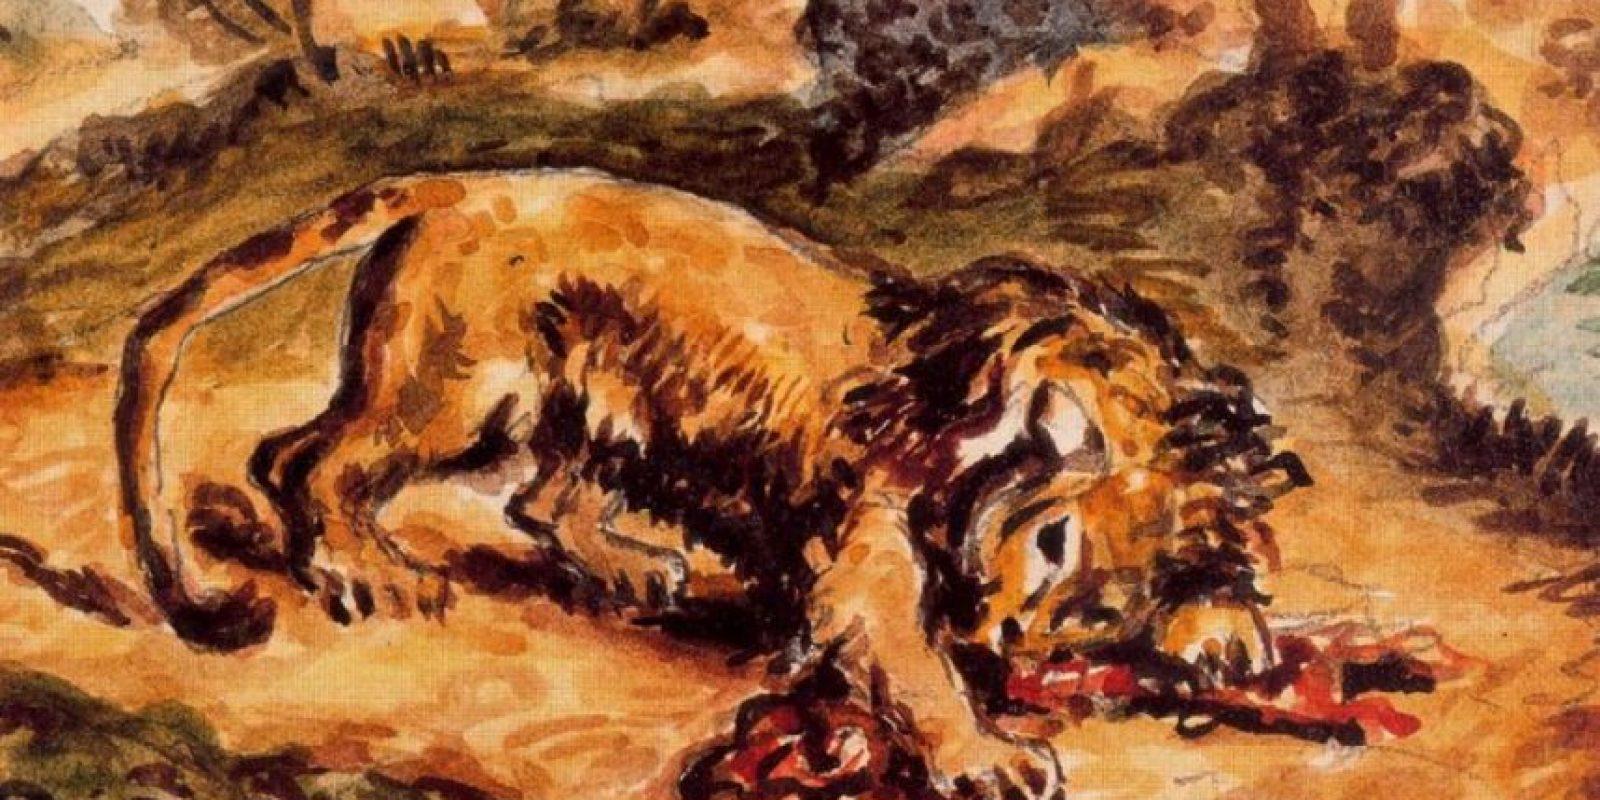 La víctima muere desangrada y luego ya no tiene conciencia. Foto:vía Wikipedia